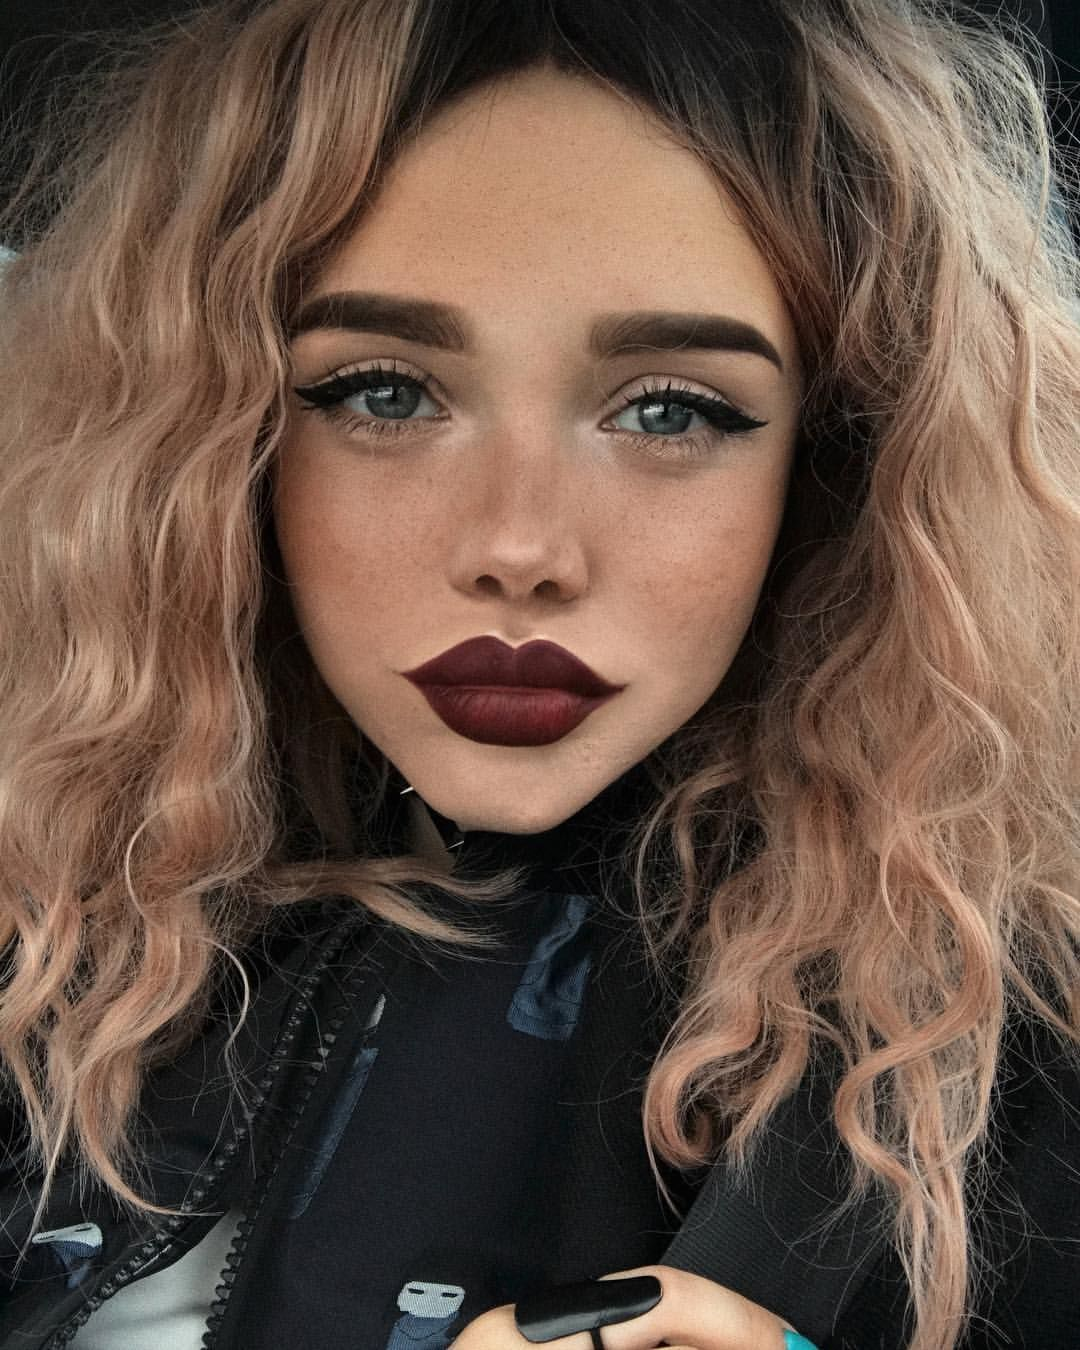 StonexoxStone Instagram Pinterest Cabello y maquillaje